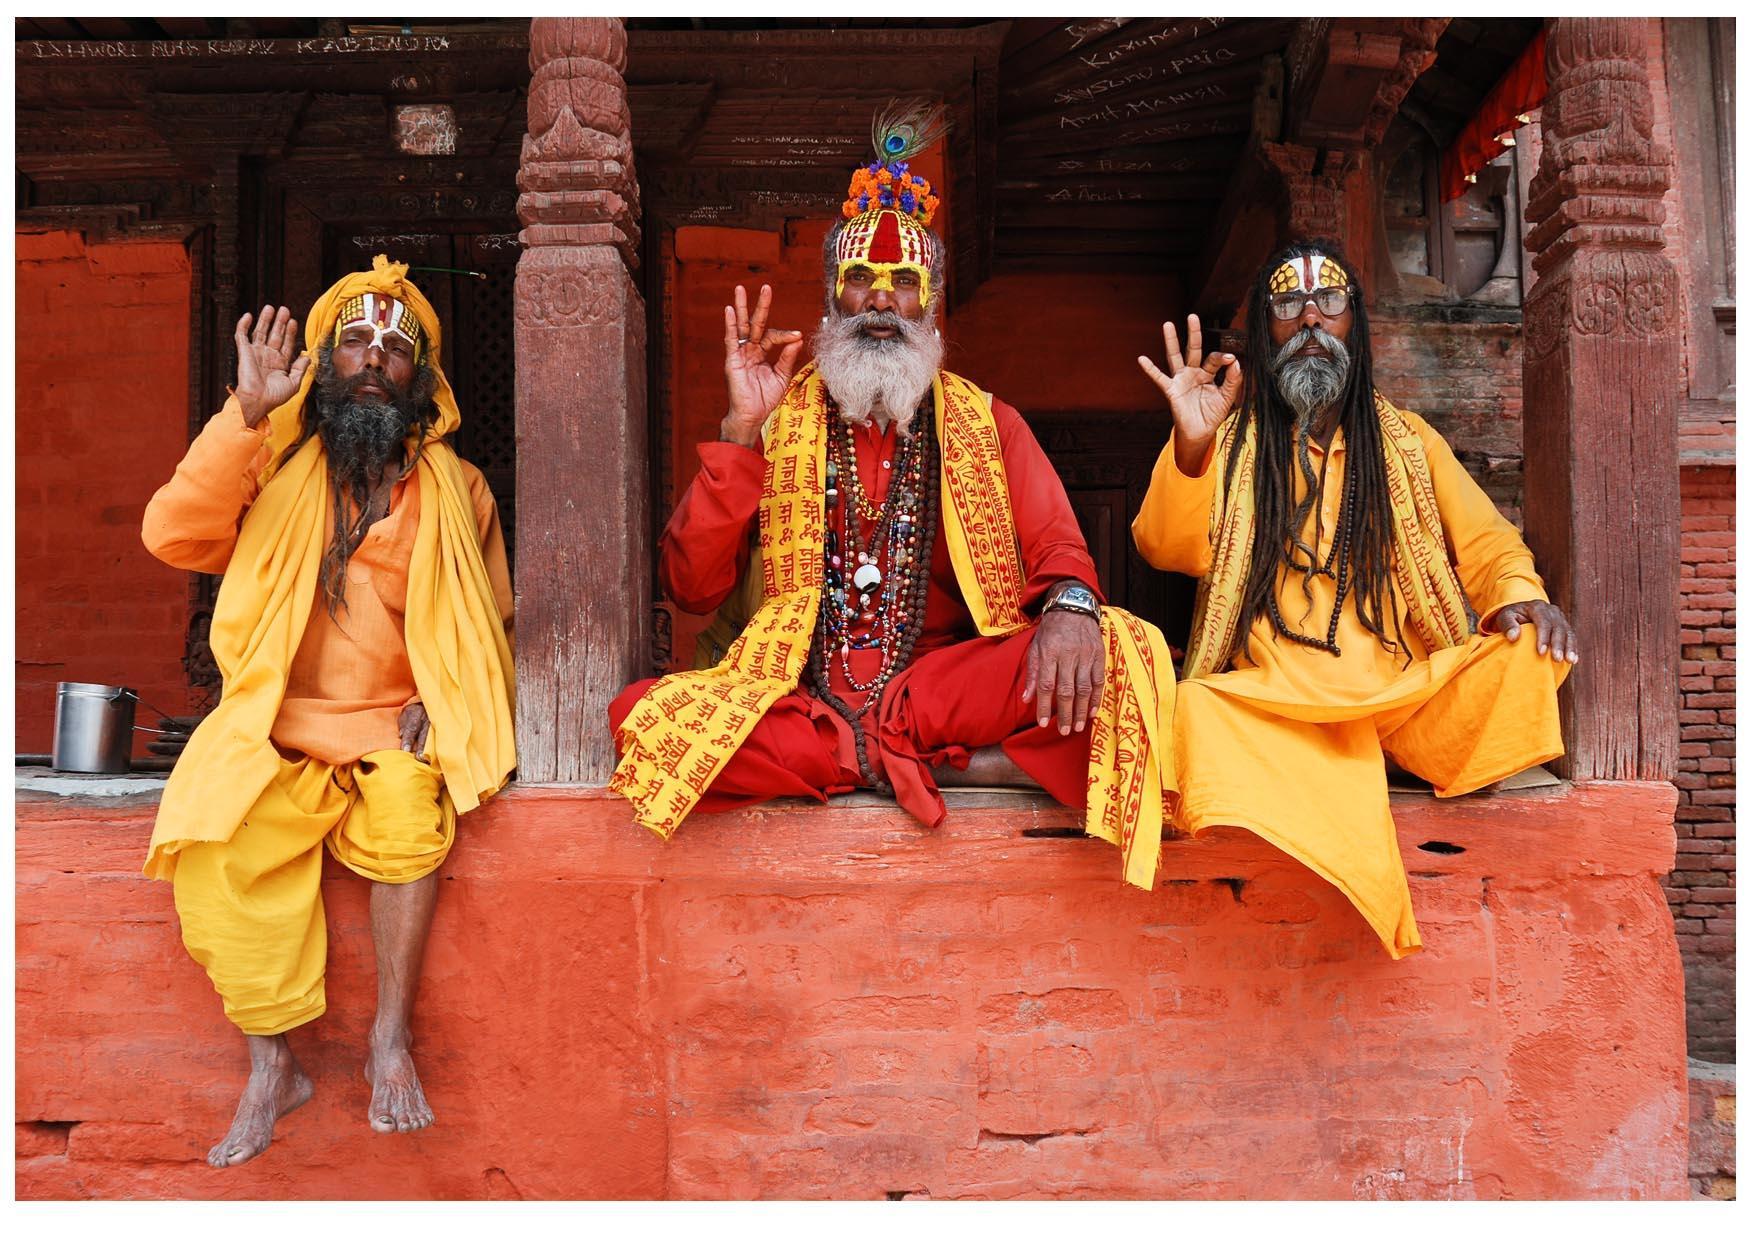 Foto 3 Sadhus (hombres sagrados hindúes) en Nepal